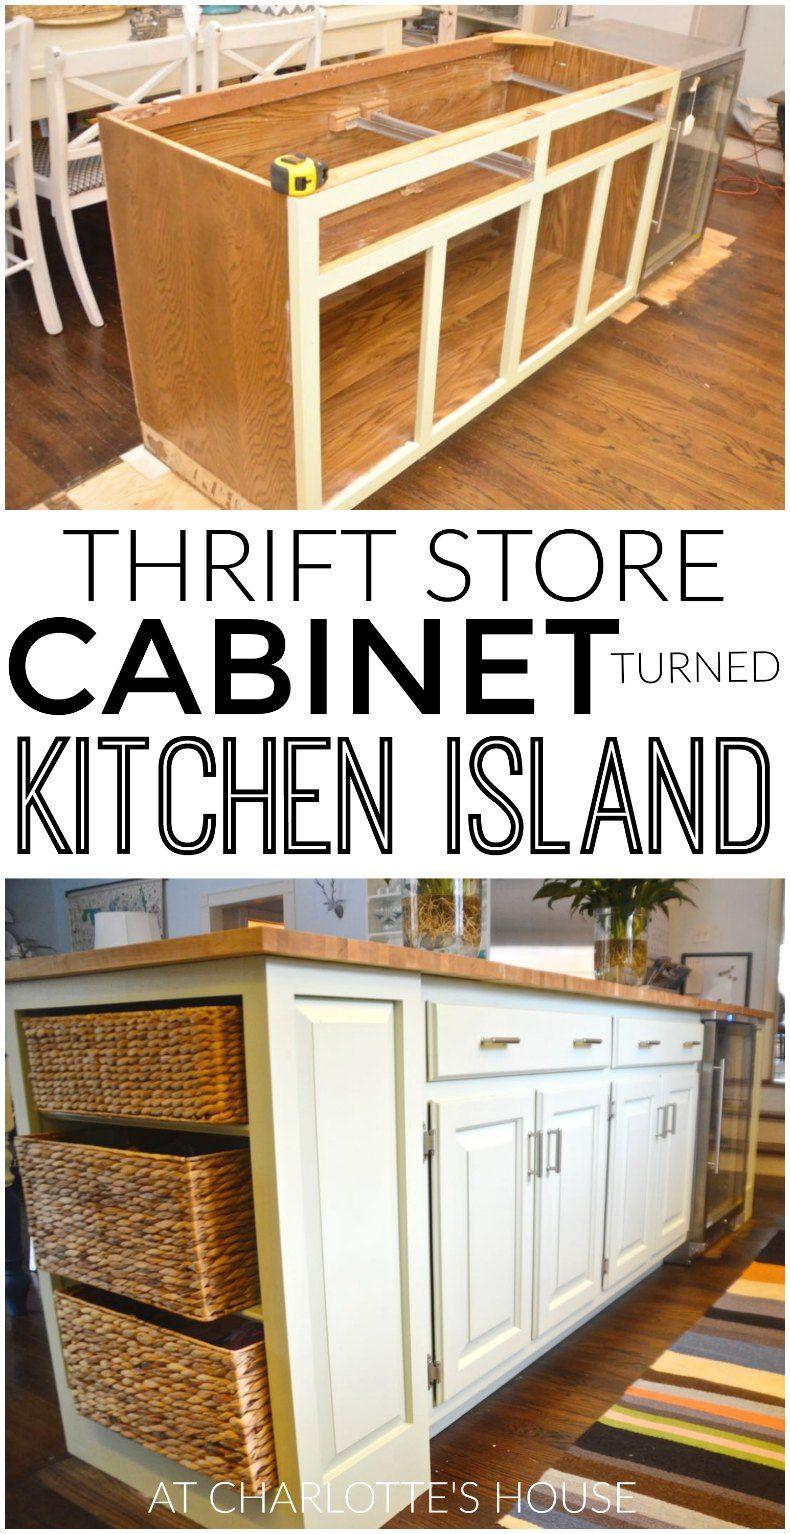 New And Improved Kitchen Island | Willkommen zuhause, Tresen und Küche